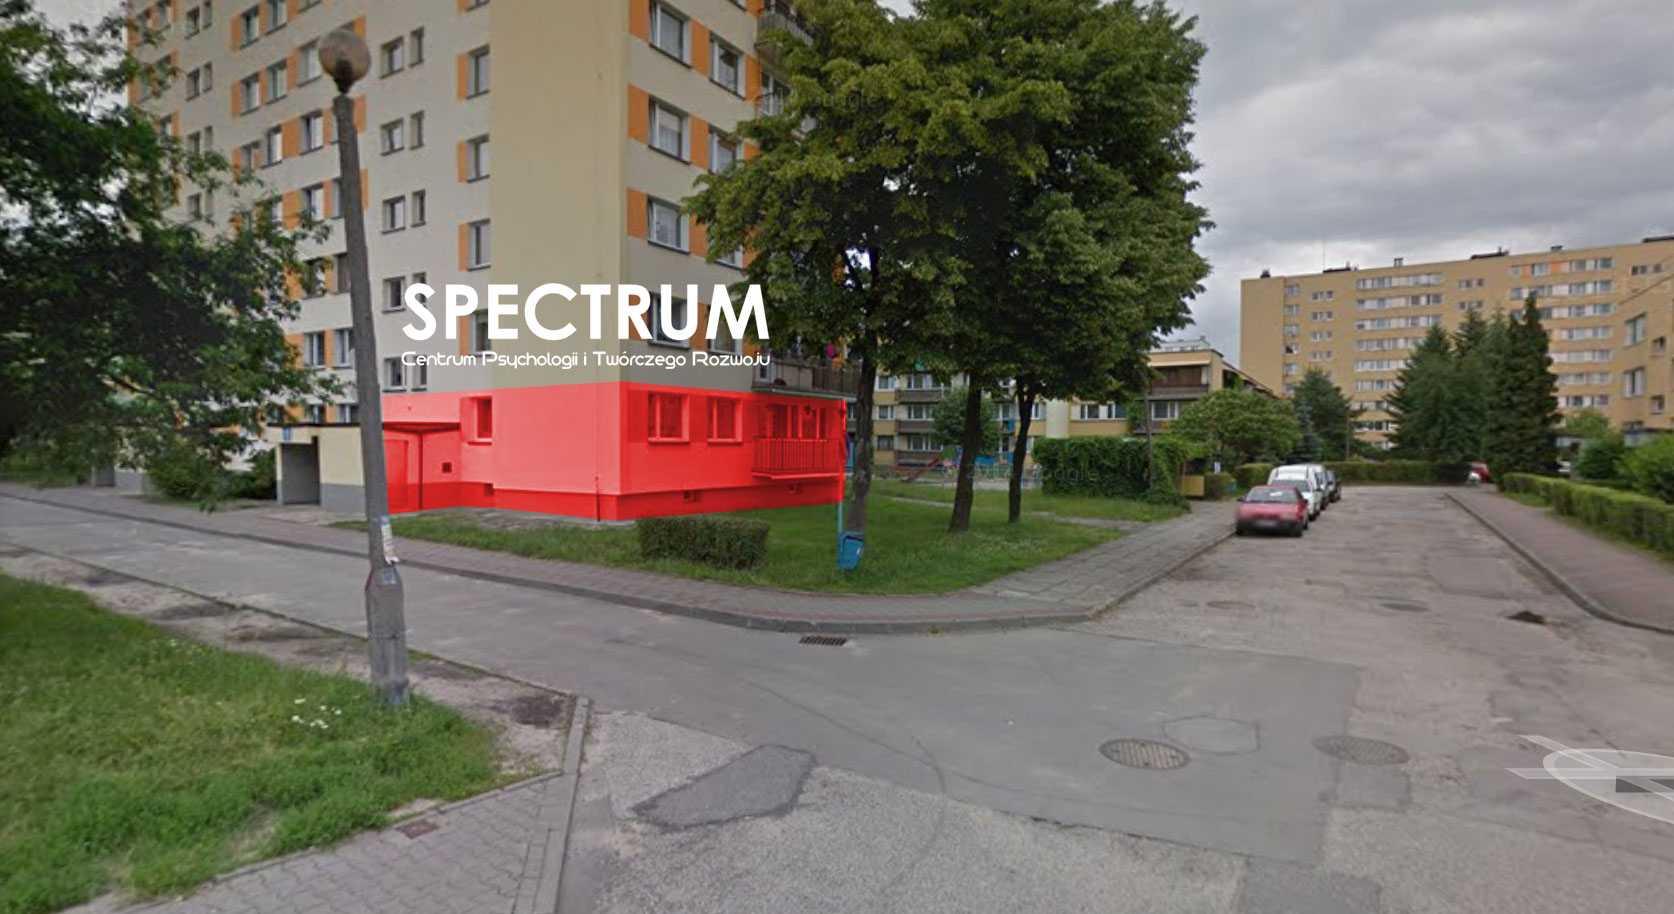 Jak dojechać do Spectrum w Chrzanowie